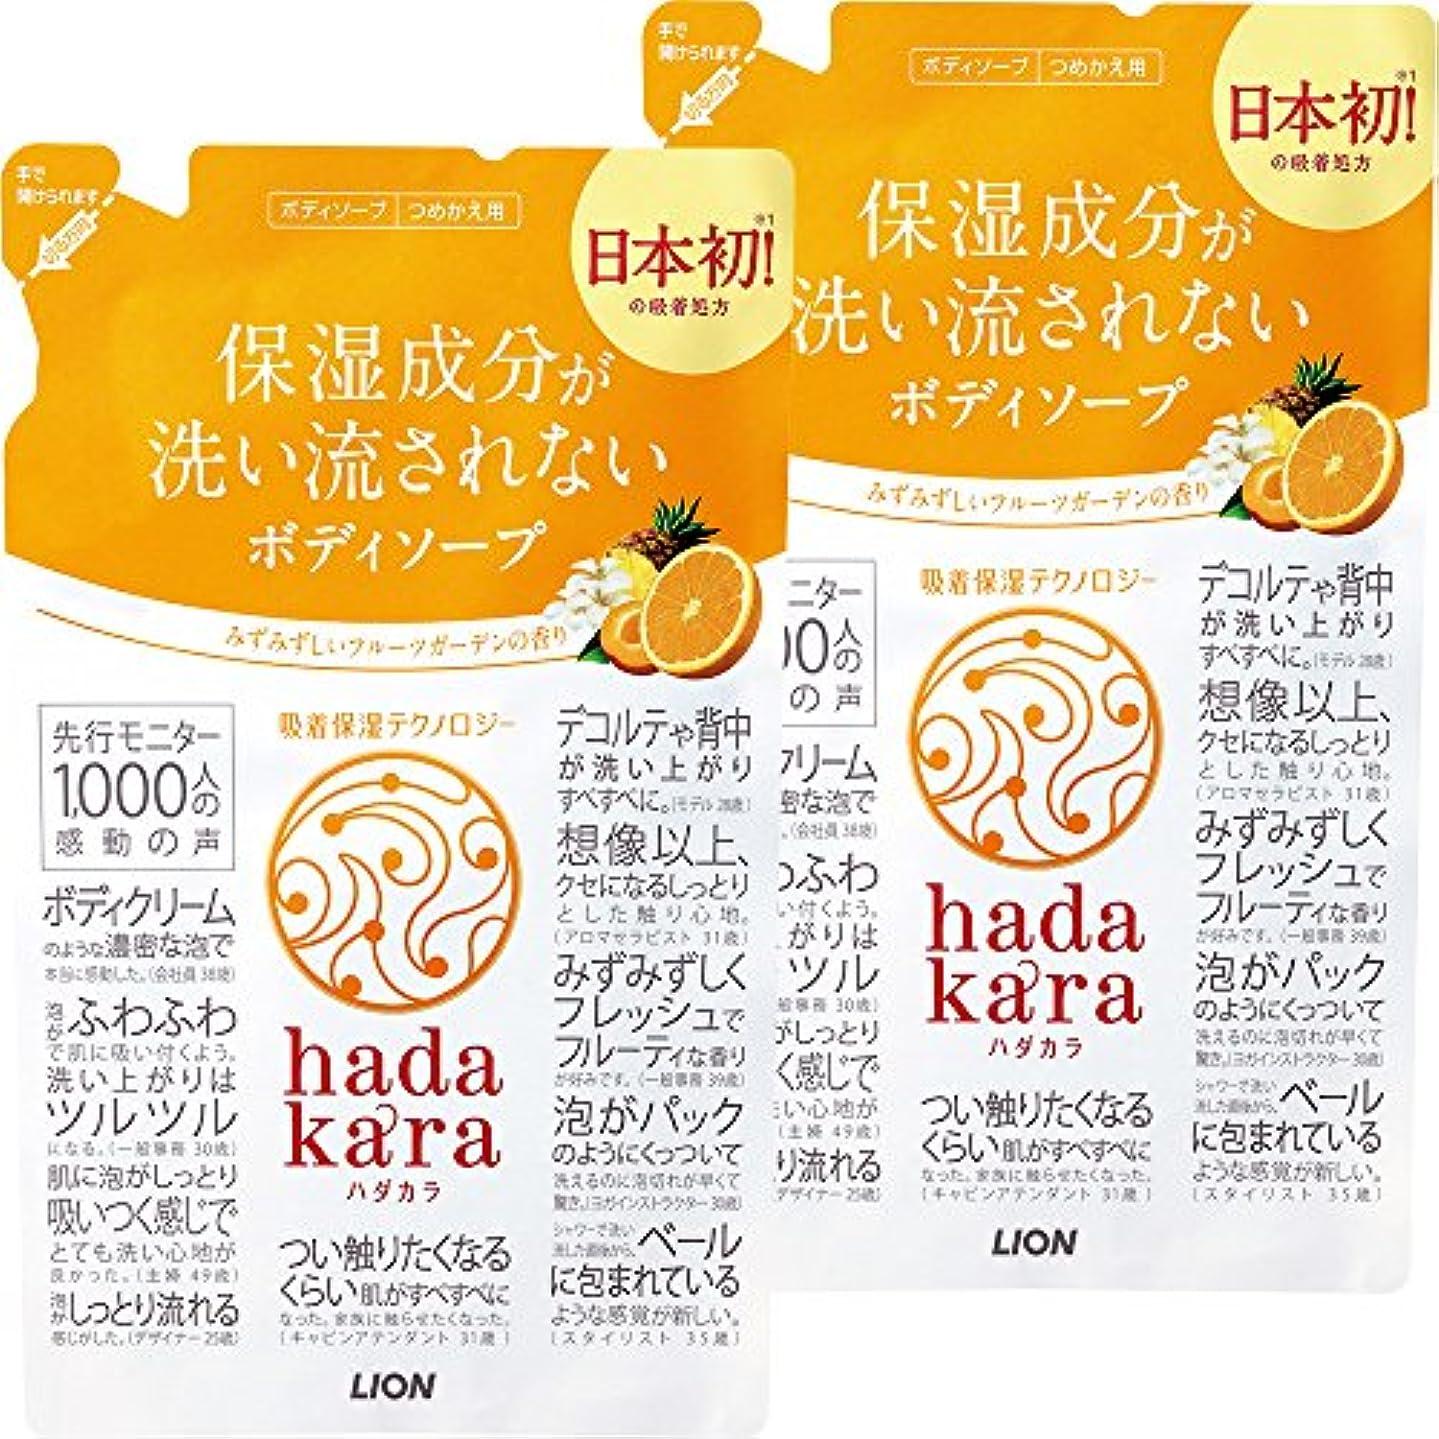 分離する流暢実施する【まとめ買い】hadakara(ハダカラ) ボディソープ フルーツガーデンの香り 詰め替え 360ml×2個パック